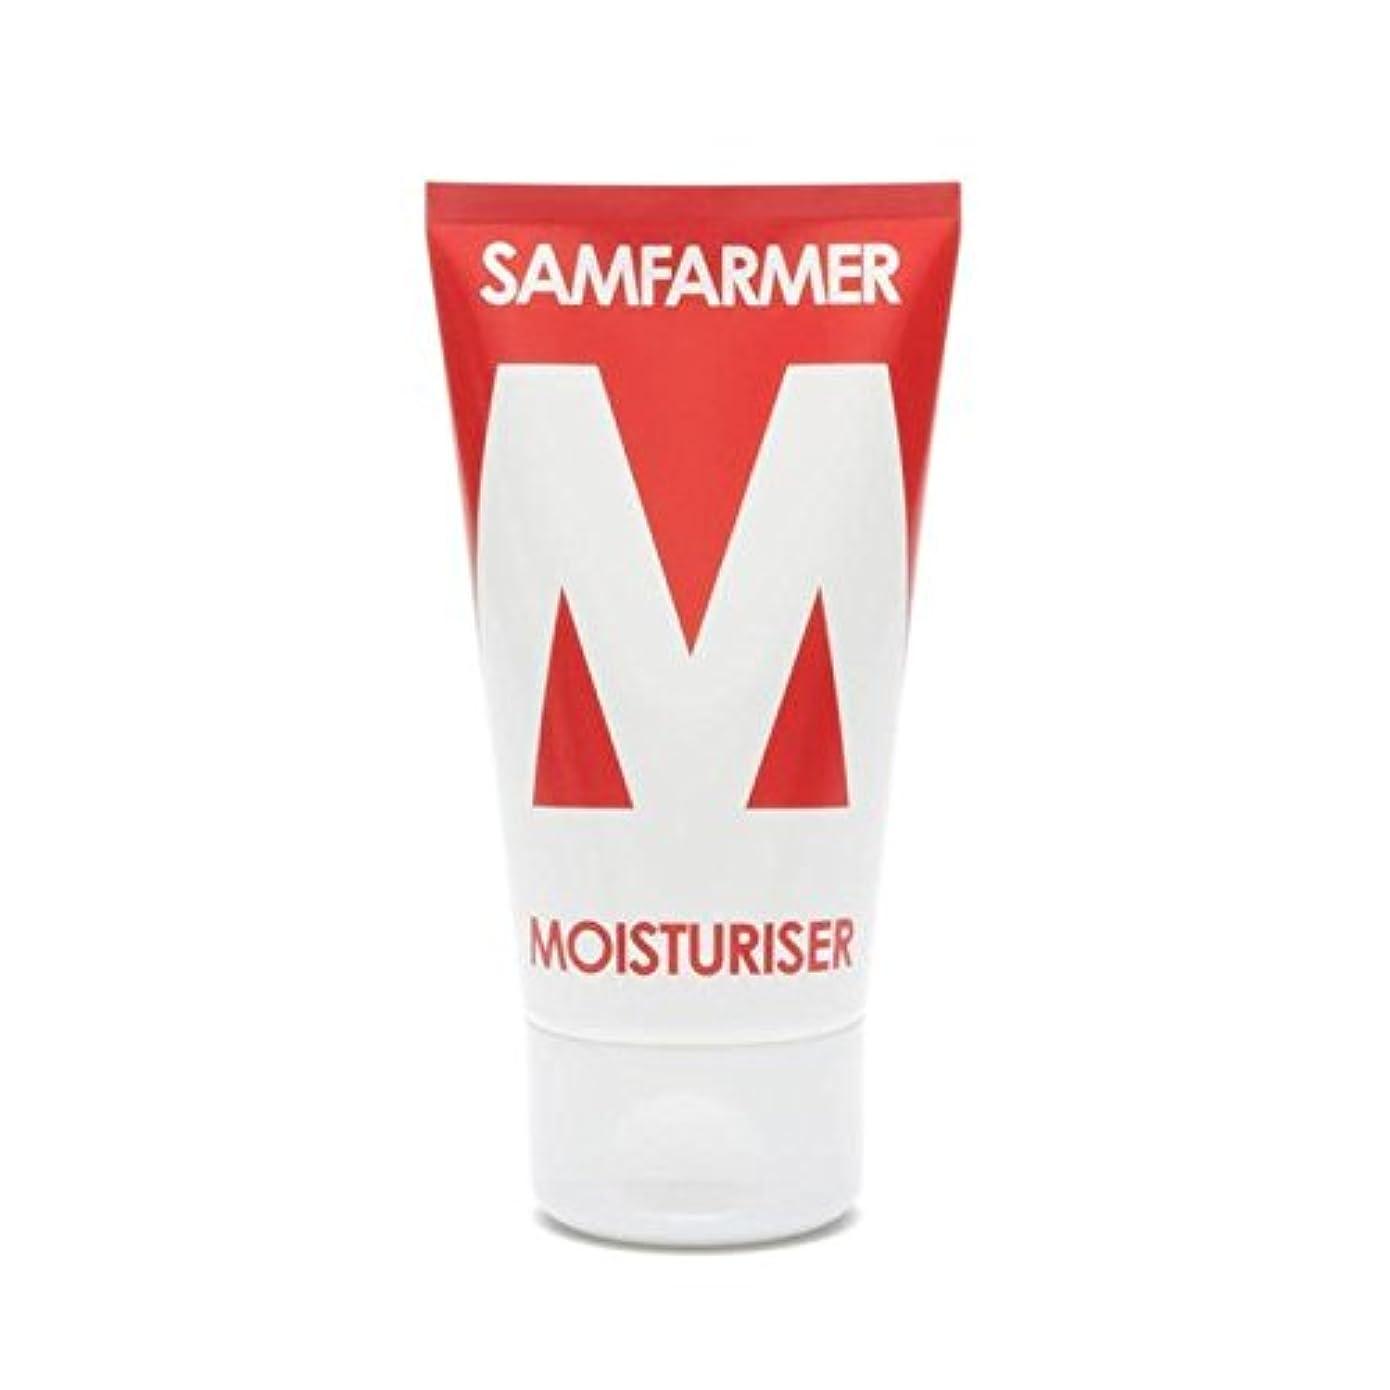 先入観雑草ペースユニセックス保湿50ミリリットル x2 - SAMFARMER Unisex Moisturiser 50ml (Pack of 2) [並行輸入品]